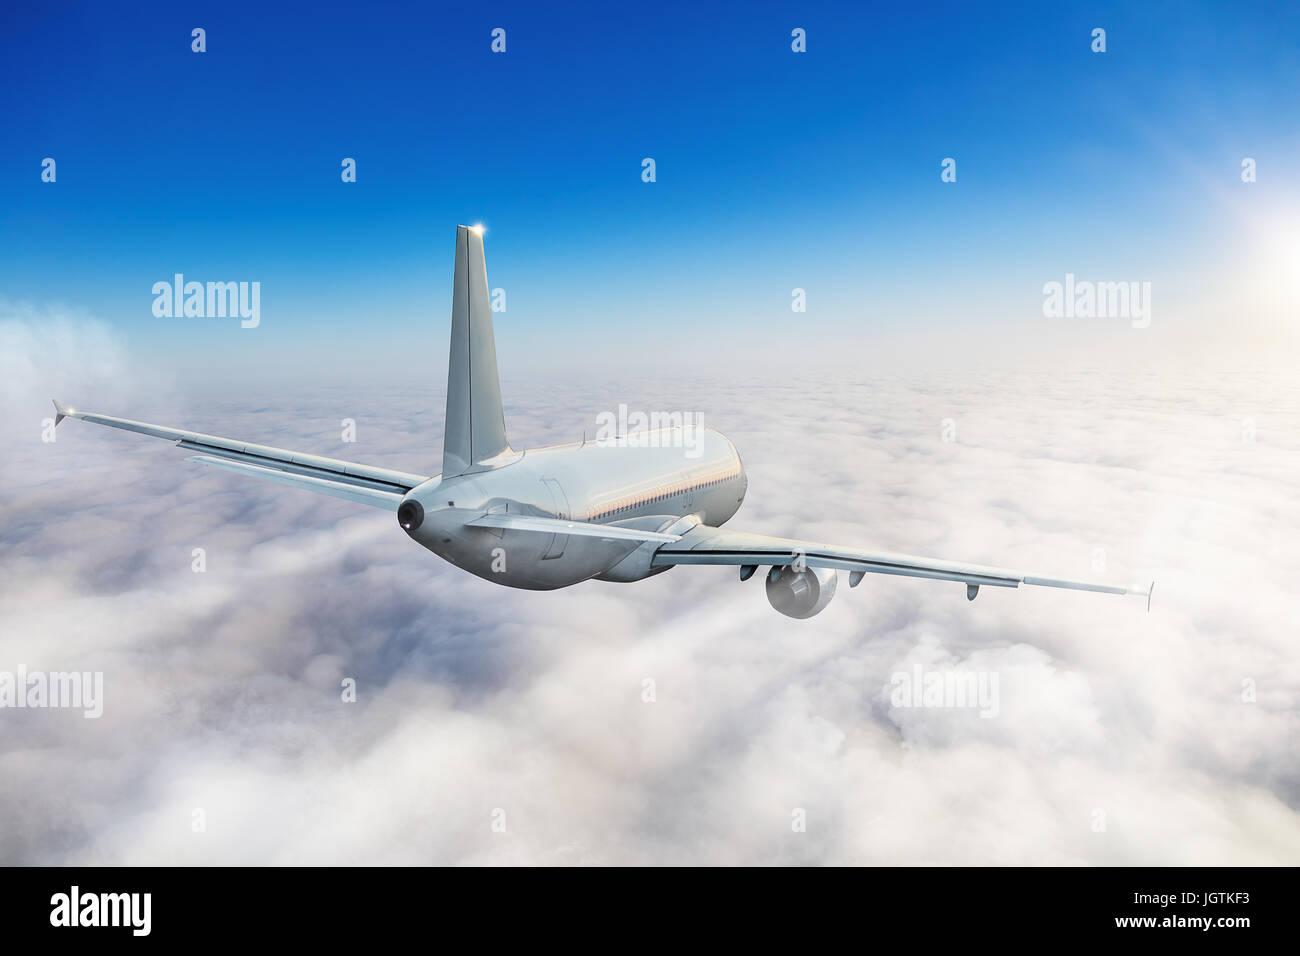 Aereo passeggeri che volano sopra le nuvole. Il trasporto e il concetto di viaggio. Antenna per veicolo viaggiare Immagini Stock